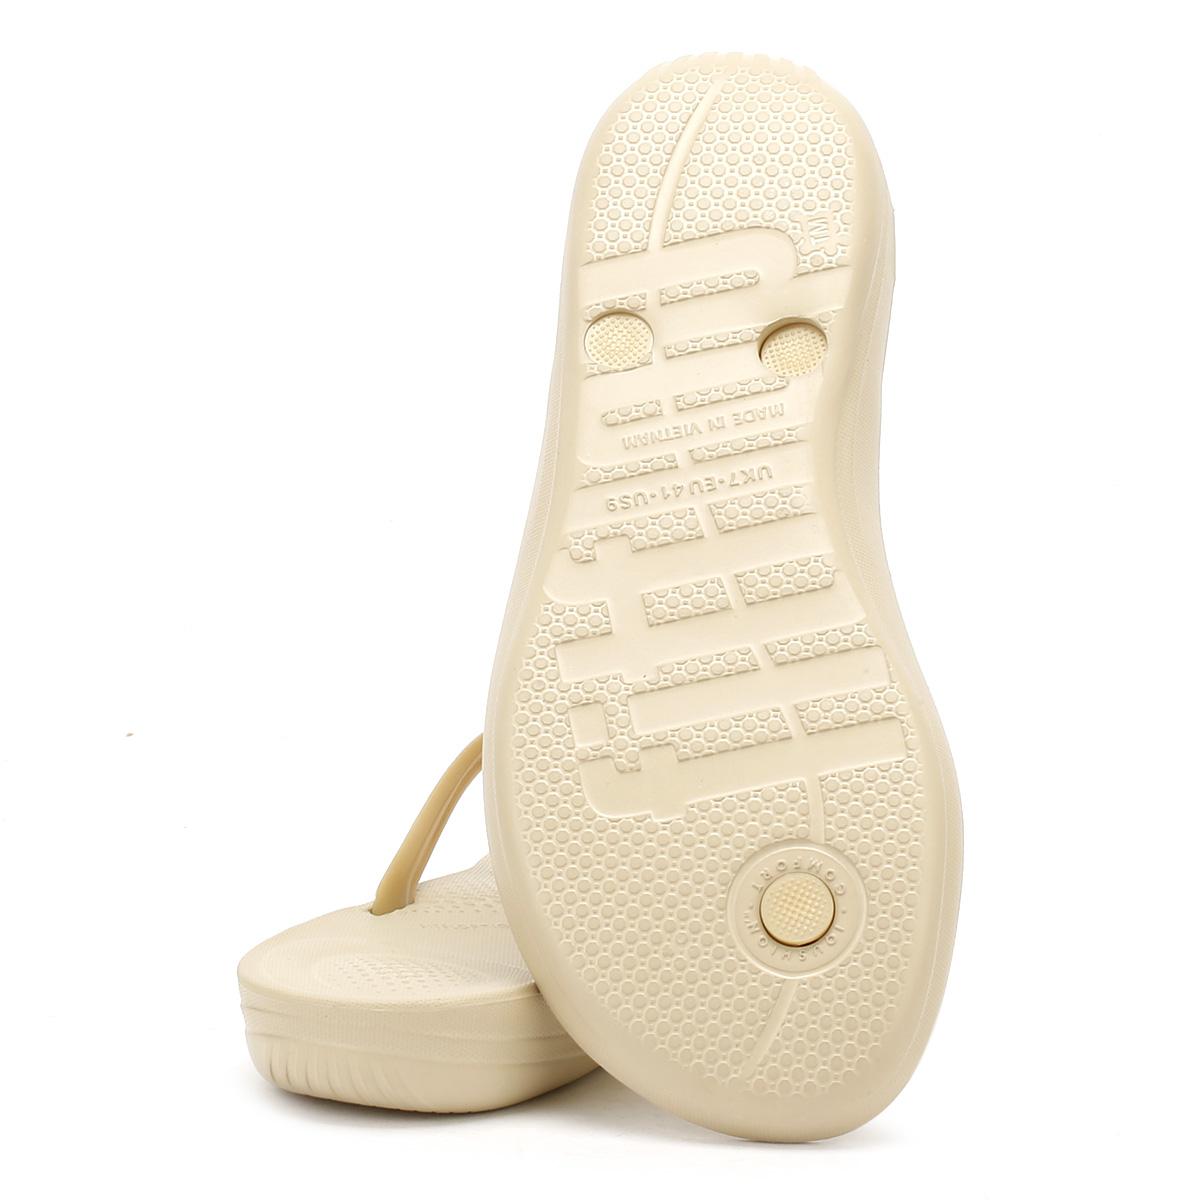 Fitflop-Femme-iqushion-ergonomique-Tongs-4-couleurs-Ete-Plage-Chaussures